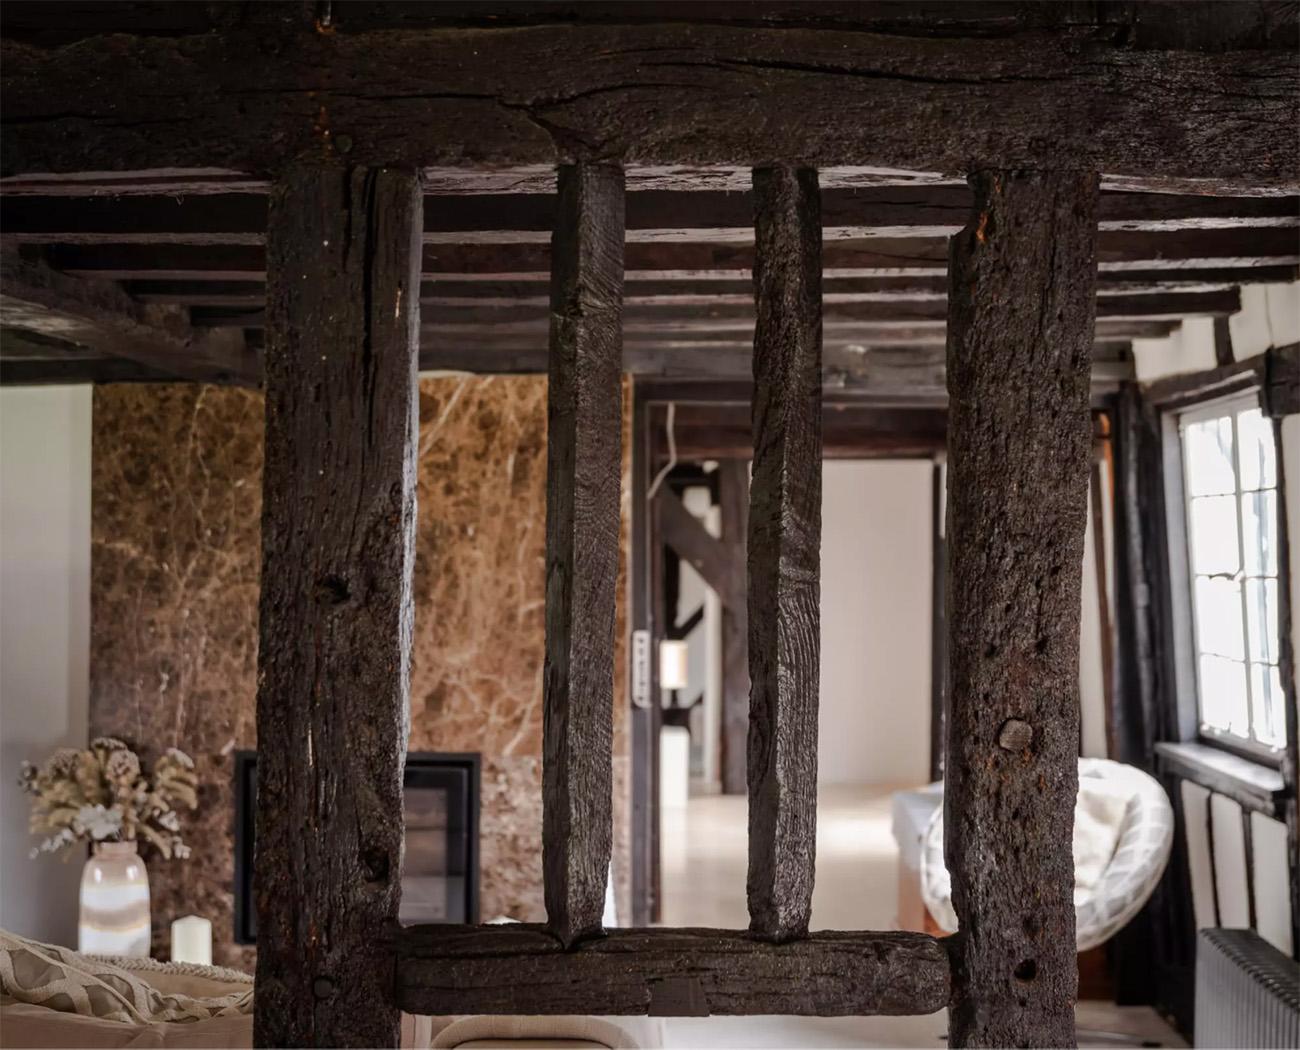 Freshfields in Essex is a postcard-worthy Tudor farmhouse